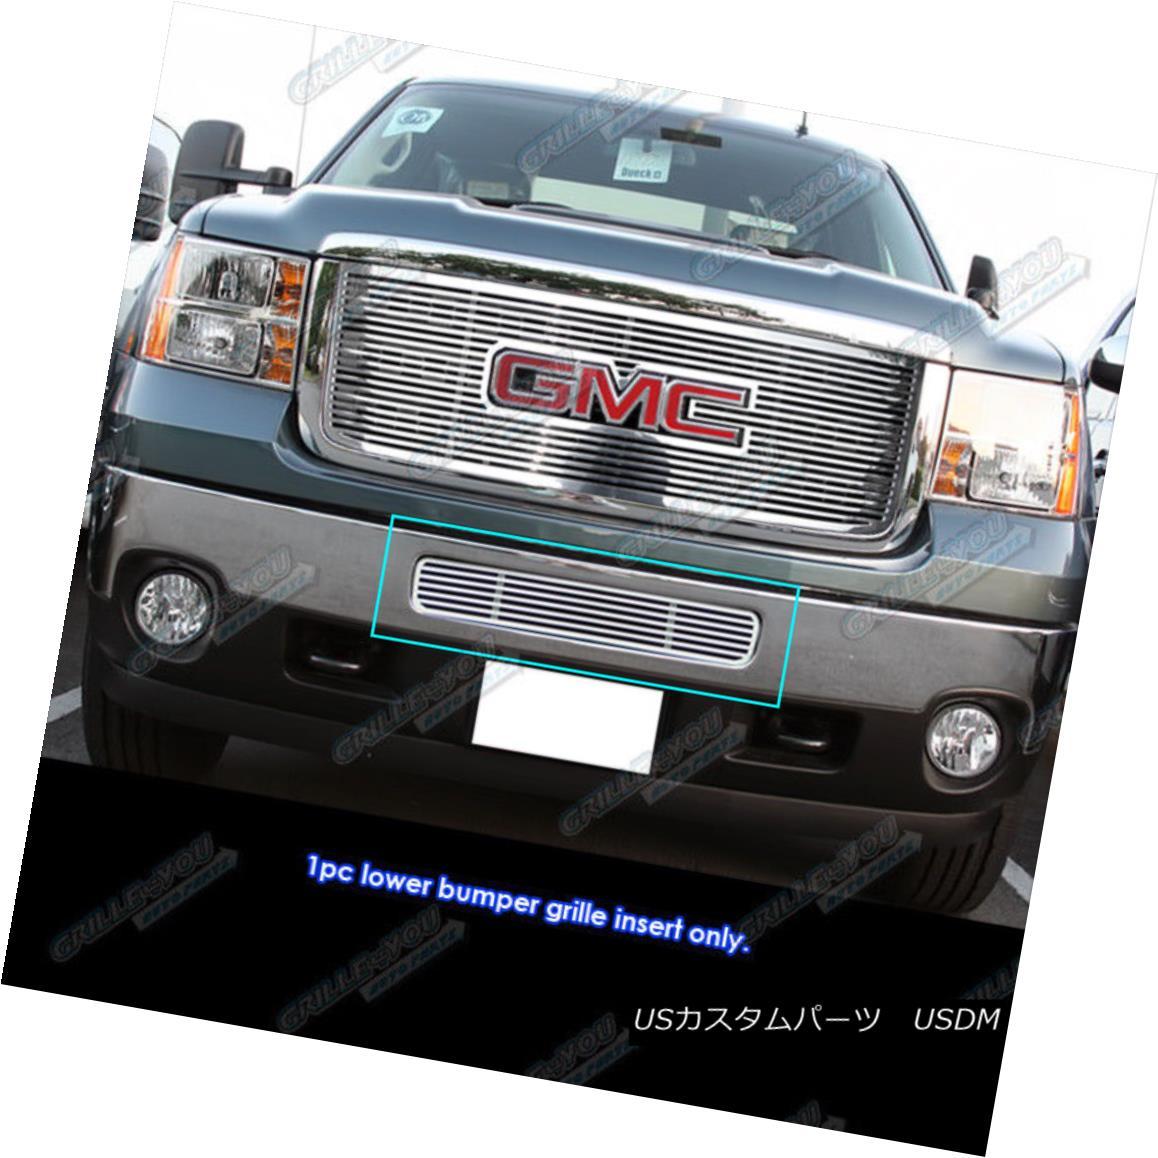 グリル Fits 2011-2014 GMC Sierra 2500HD/3500HD Bumper Perimeter Grille Grill Insert 2011-2014 GMC Sierra 2500HD / 3500HDバンパーペリメーターグリルグリルインサート